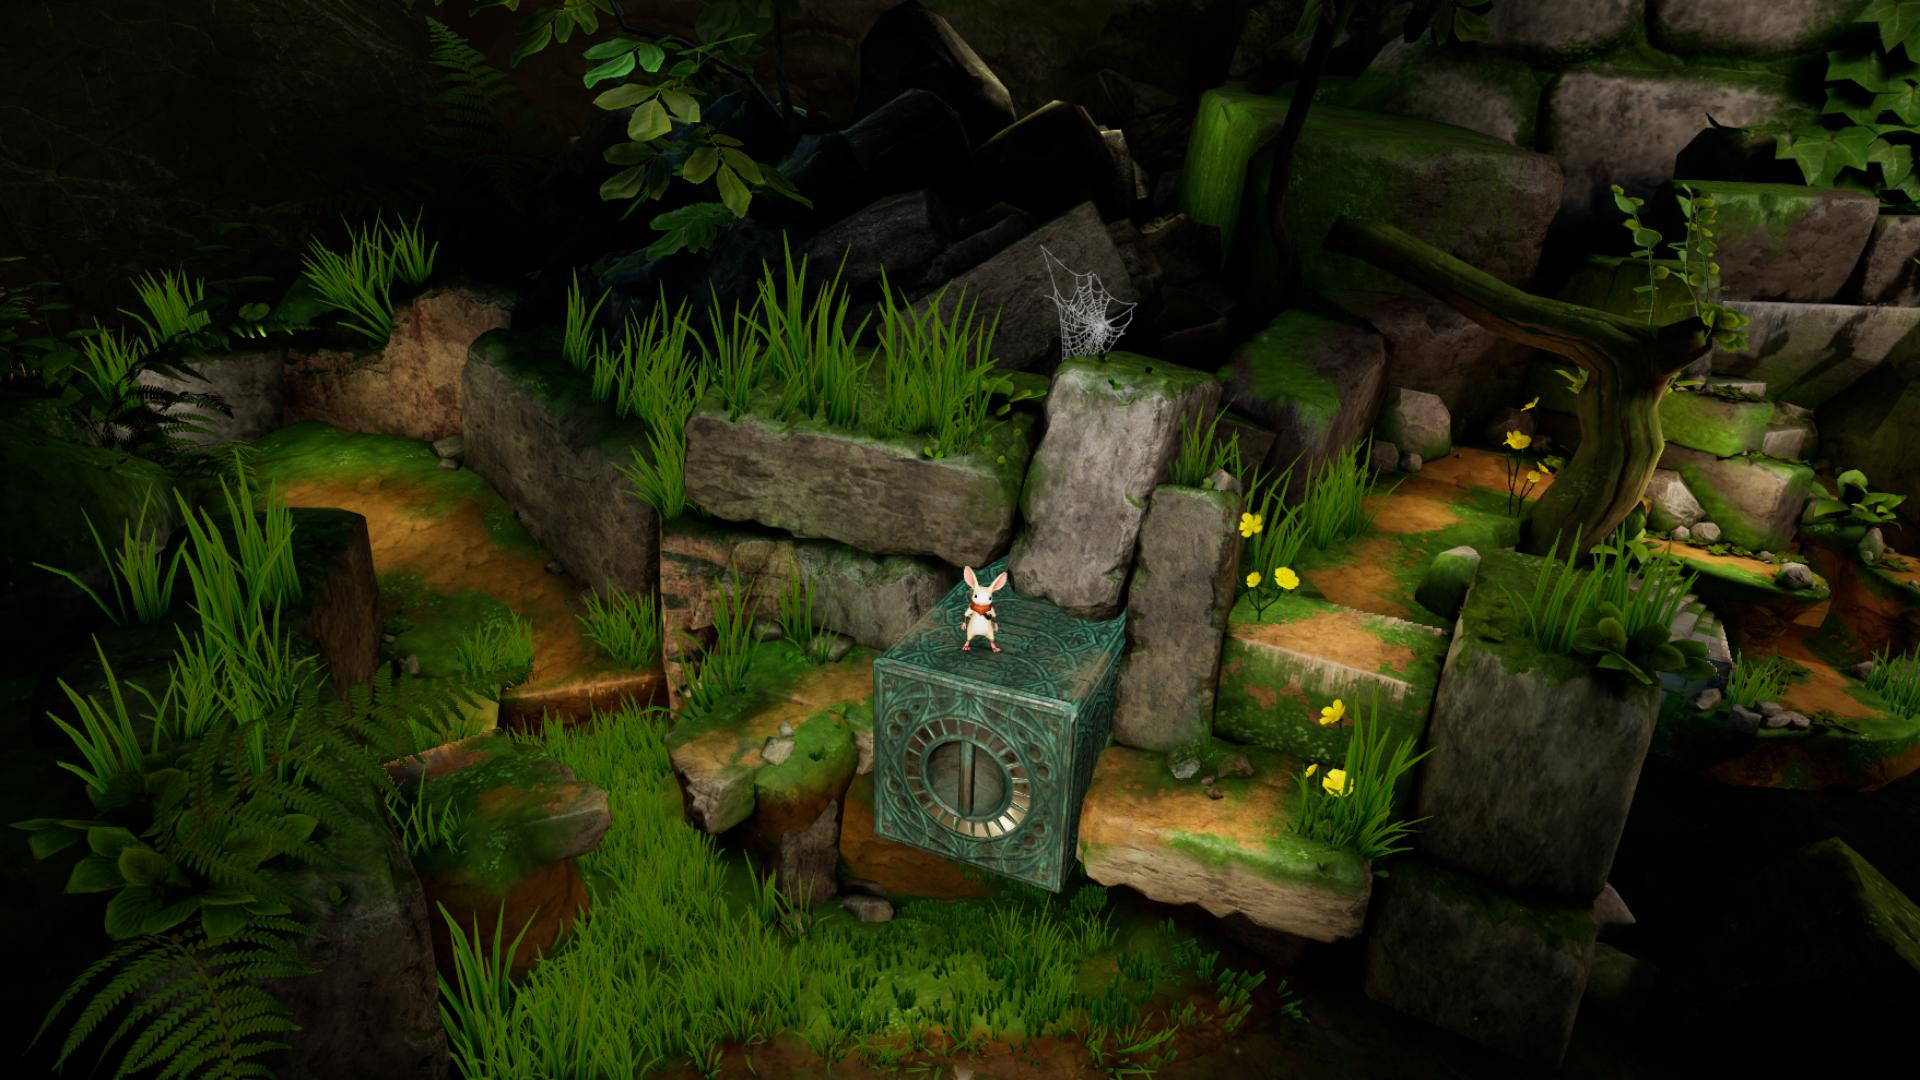 VRゲーム【Moss】ゲーム内容、攻略法2